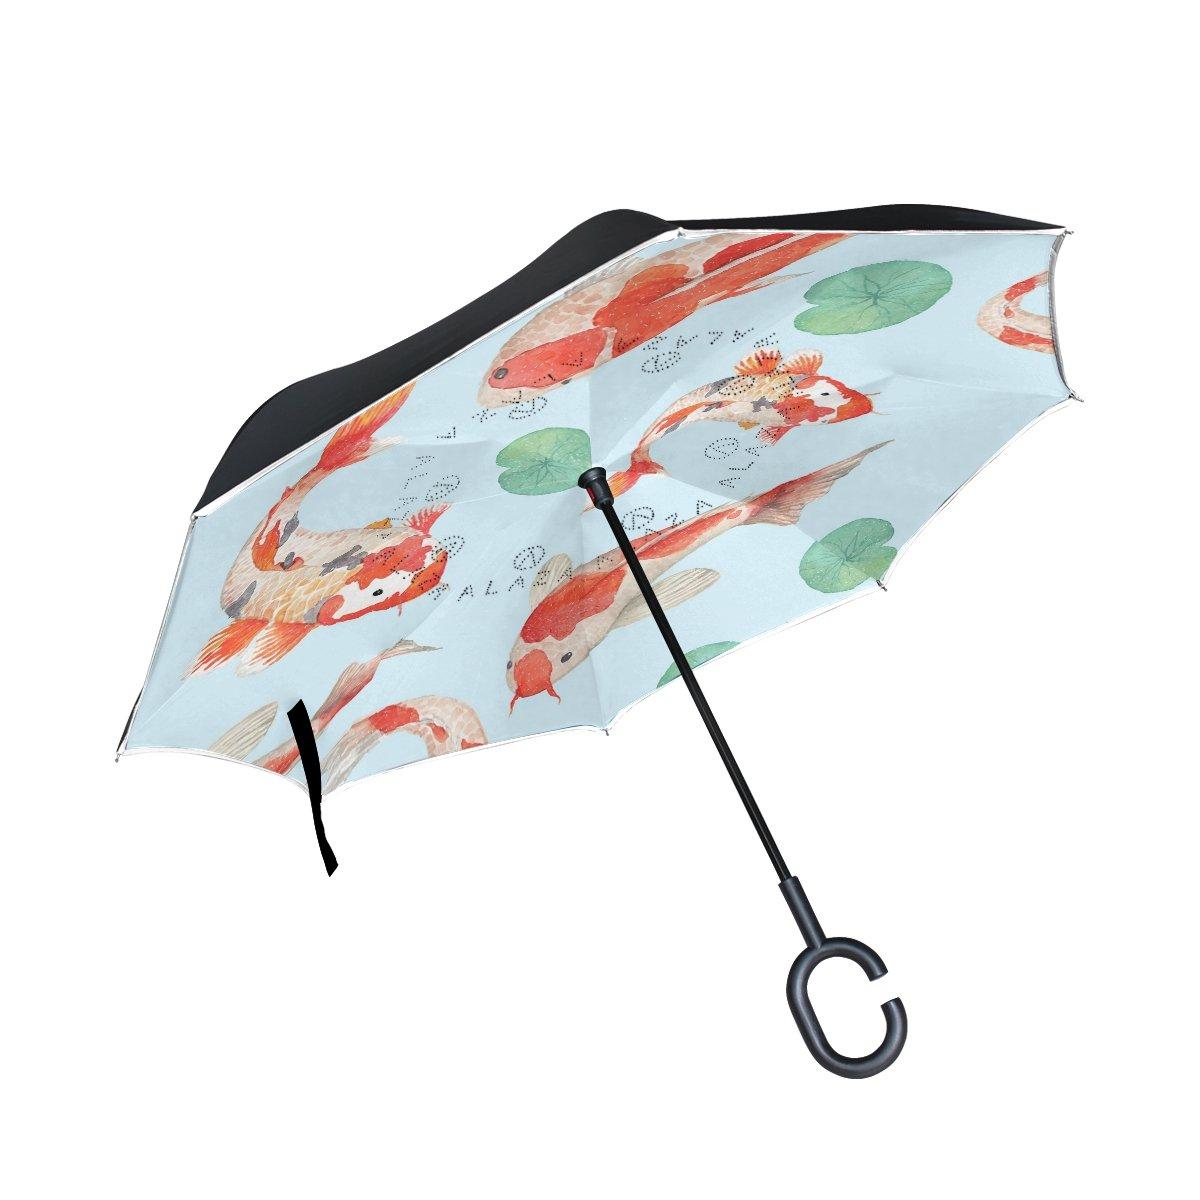 TIZORAX carpes koï Feuille de lotus inversé double couche droites parapluies sur l\'envers réversible Parapluie avec poignée en forme de C pour la pluie Soleil de voiture Utilisation